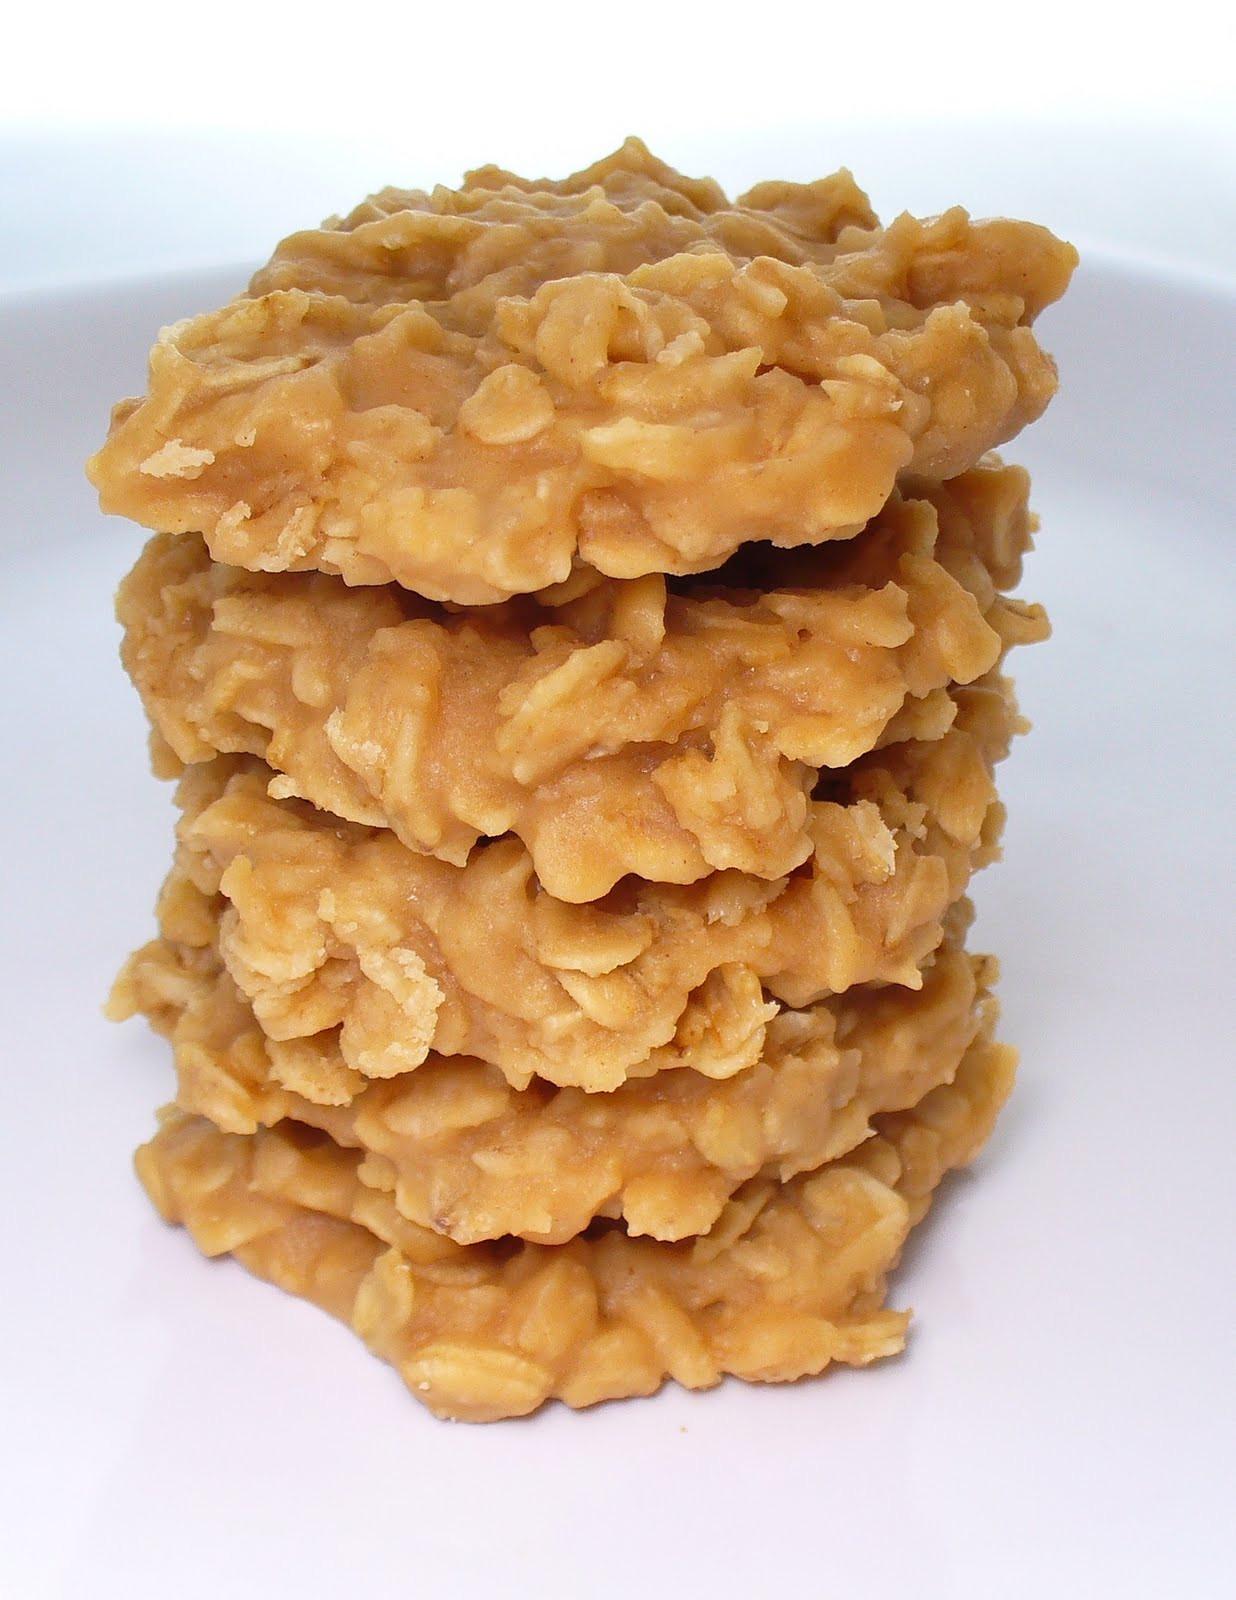 No Bake Cookies Peanut Butter  Leenee s Sweetest Delights Peanut Butter No Bake Cookies